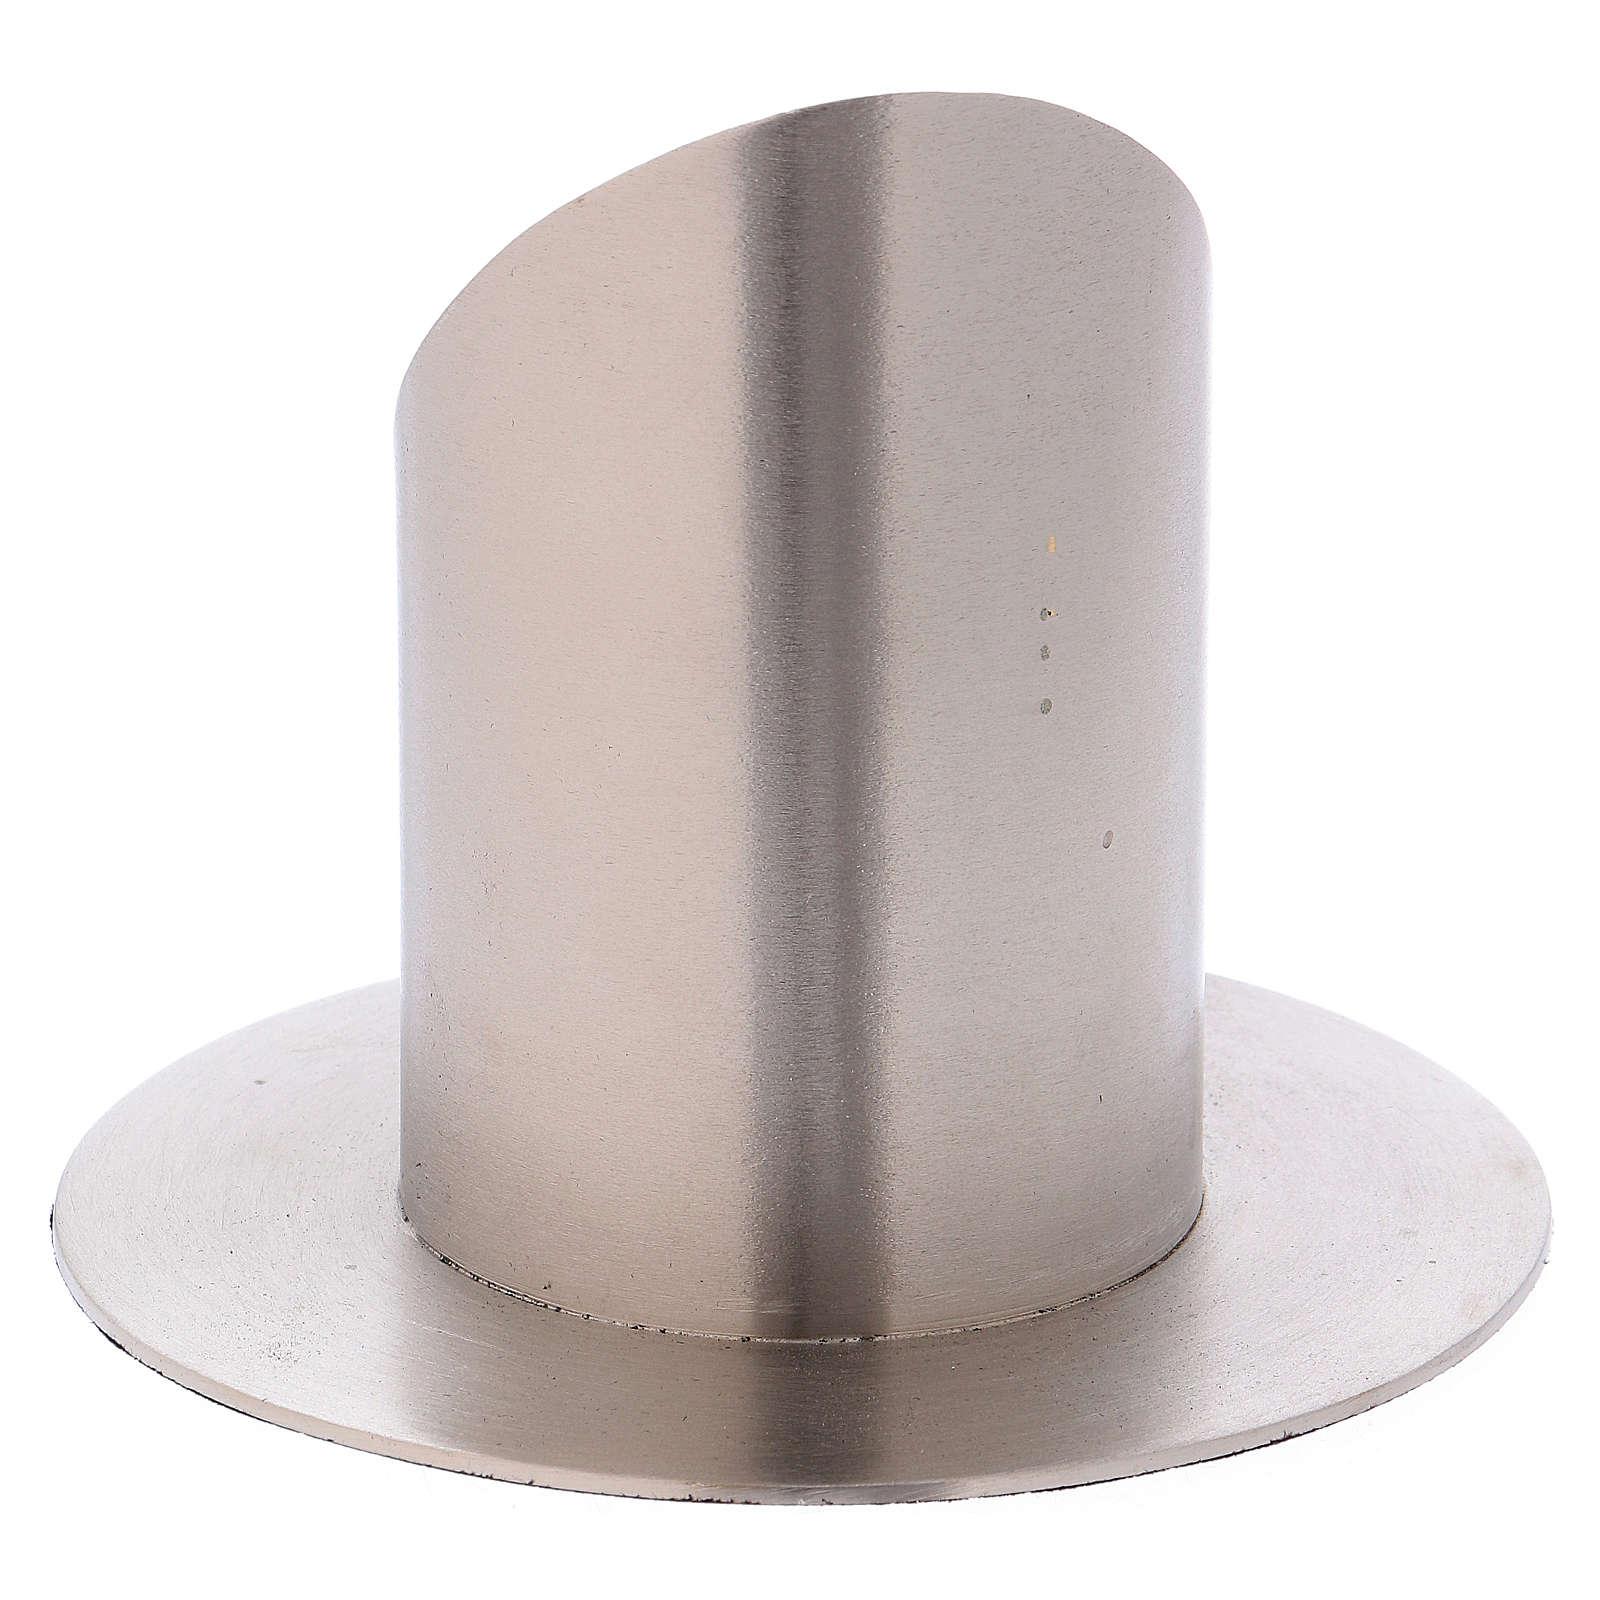 Portacandela a forma tubolare in ottone argentato satinato d. 6 cm 4